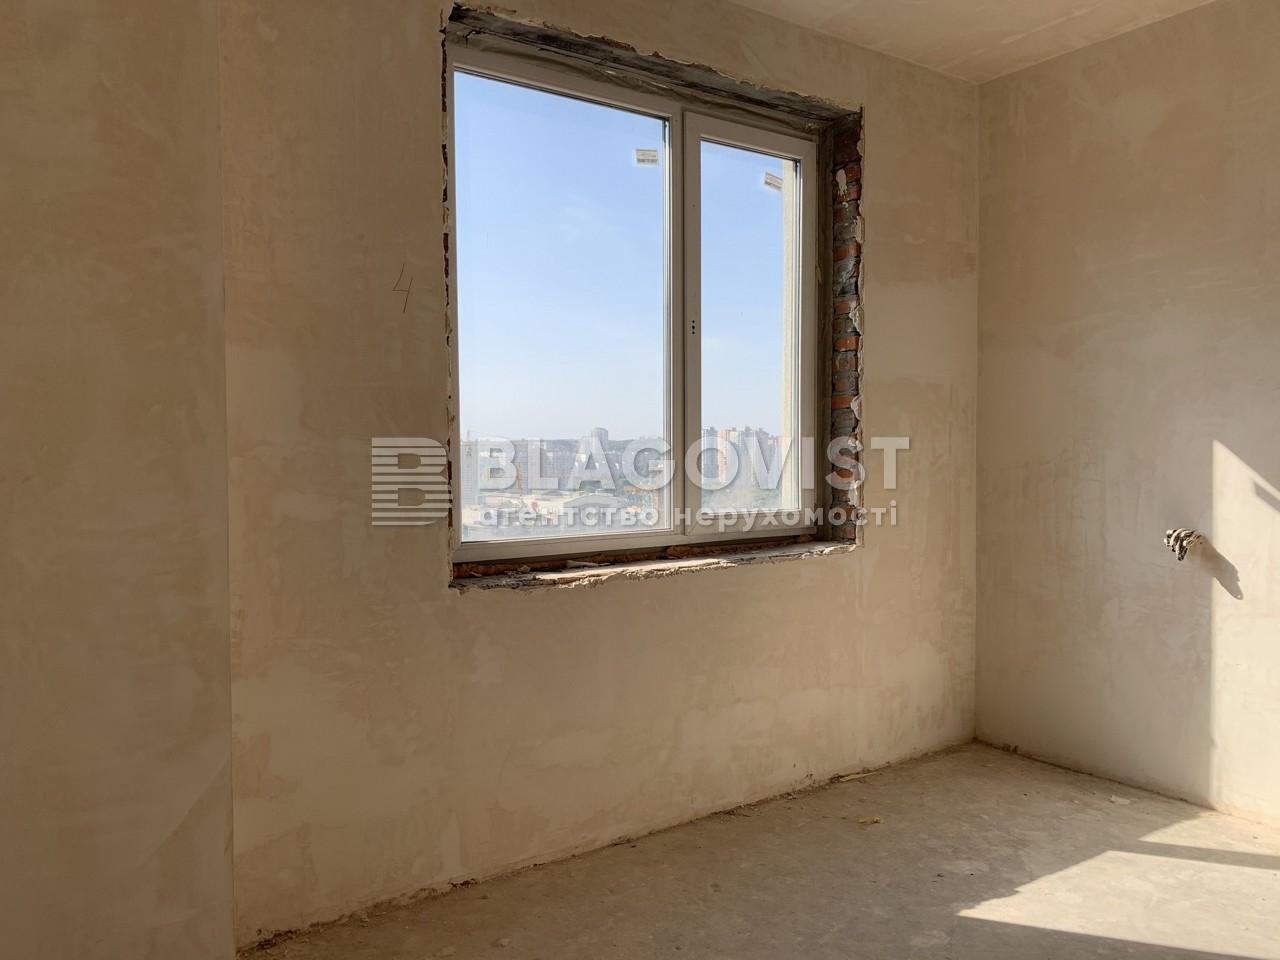 Квартира Z-719956, Кондратюка Юрия, 1 корпус 4, Киев - Фото 10